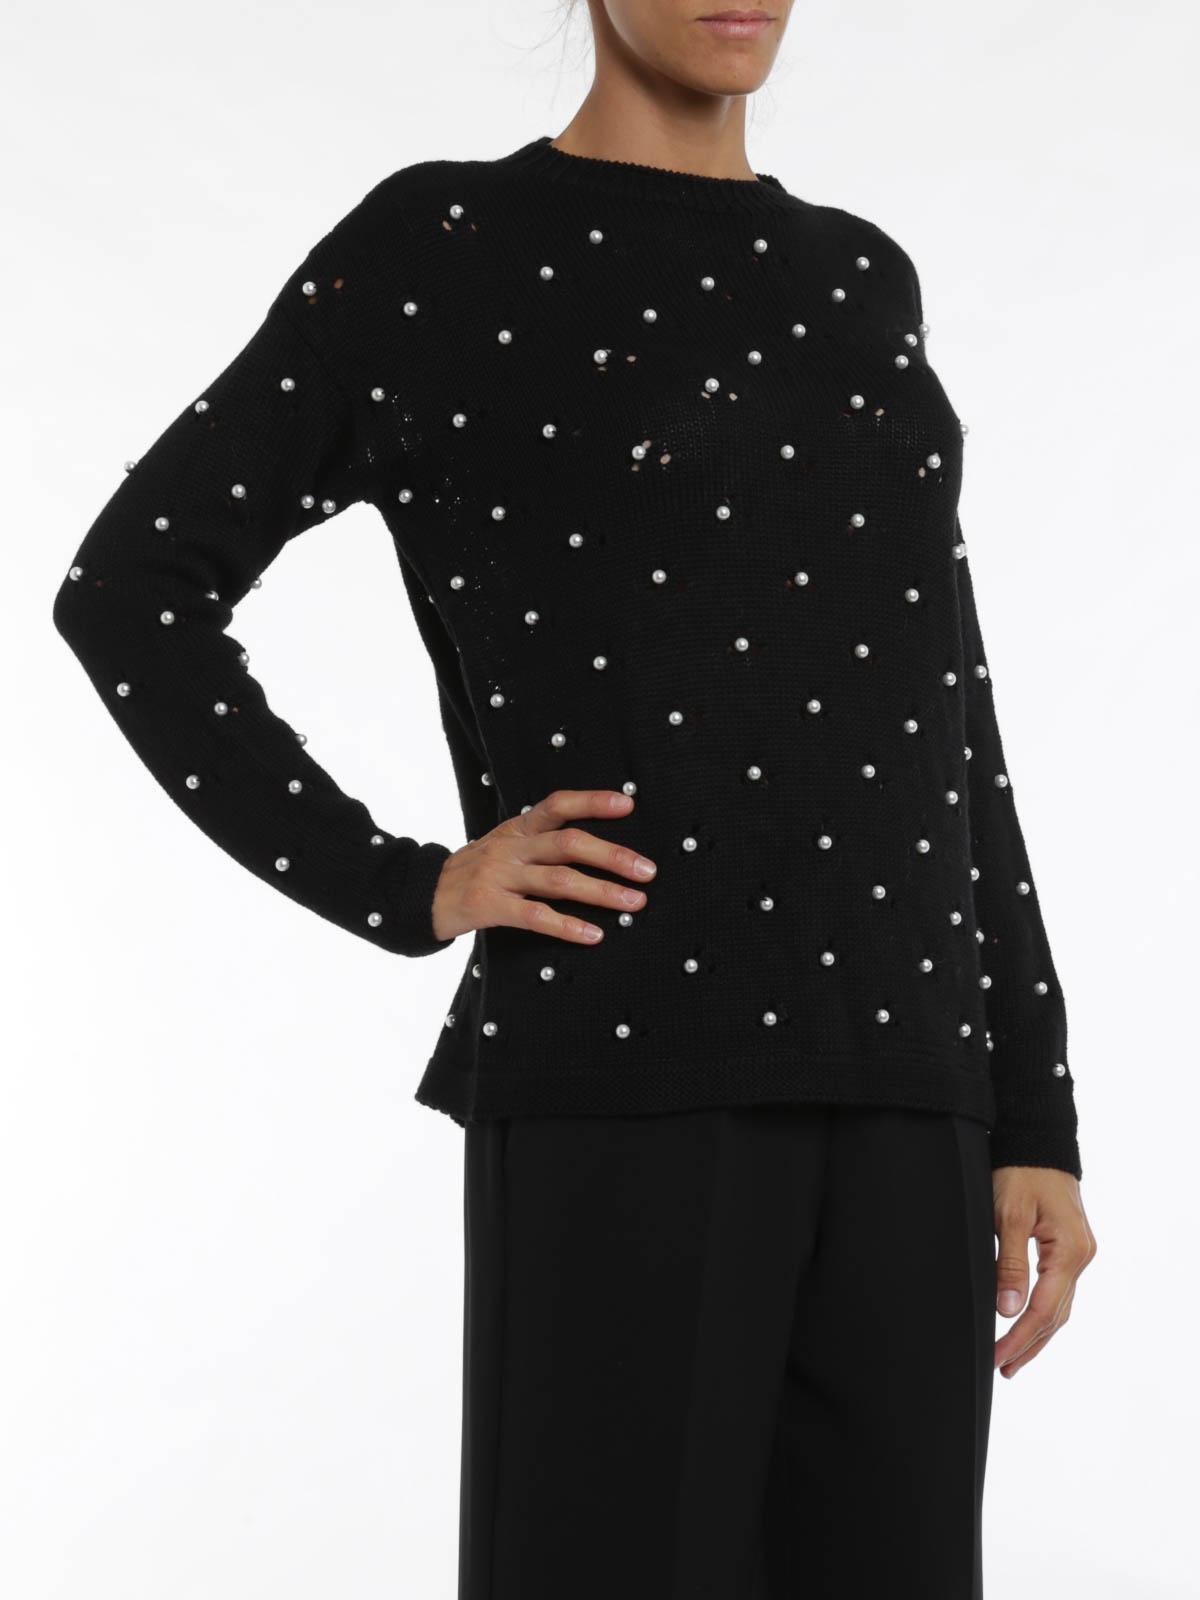 nuovo concetto 825f5 d0220 Blugirl - Maglia con perle - maglia collo rotondo - 9100 ...